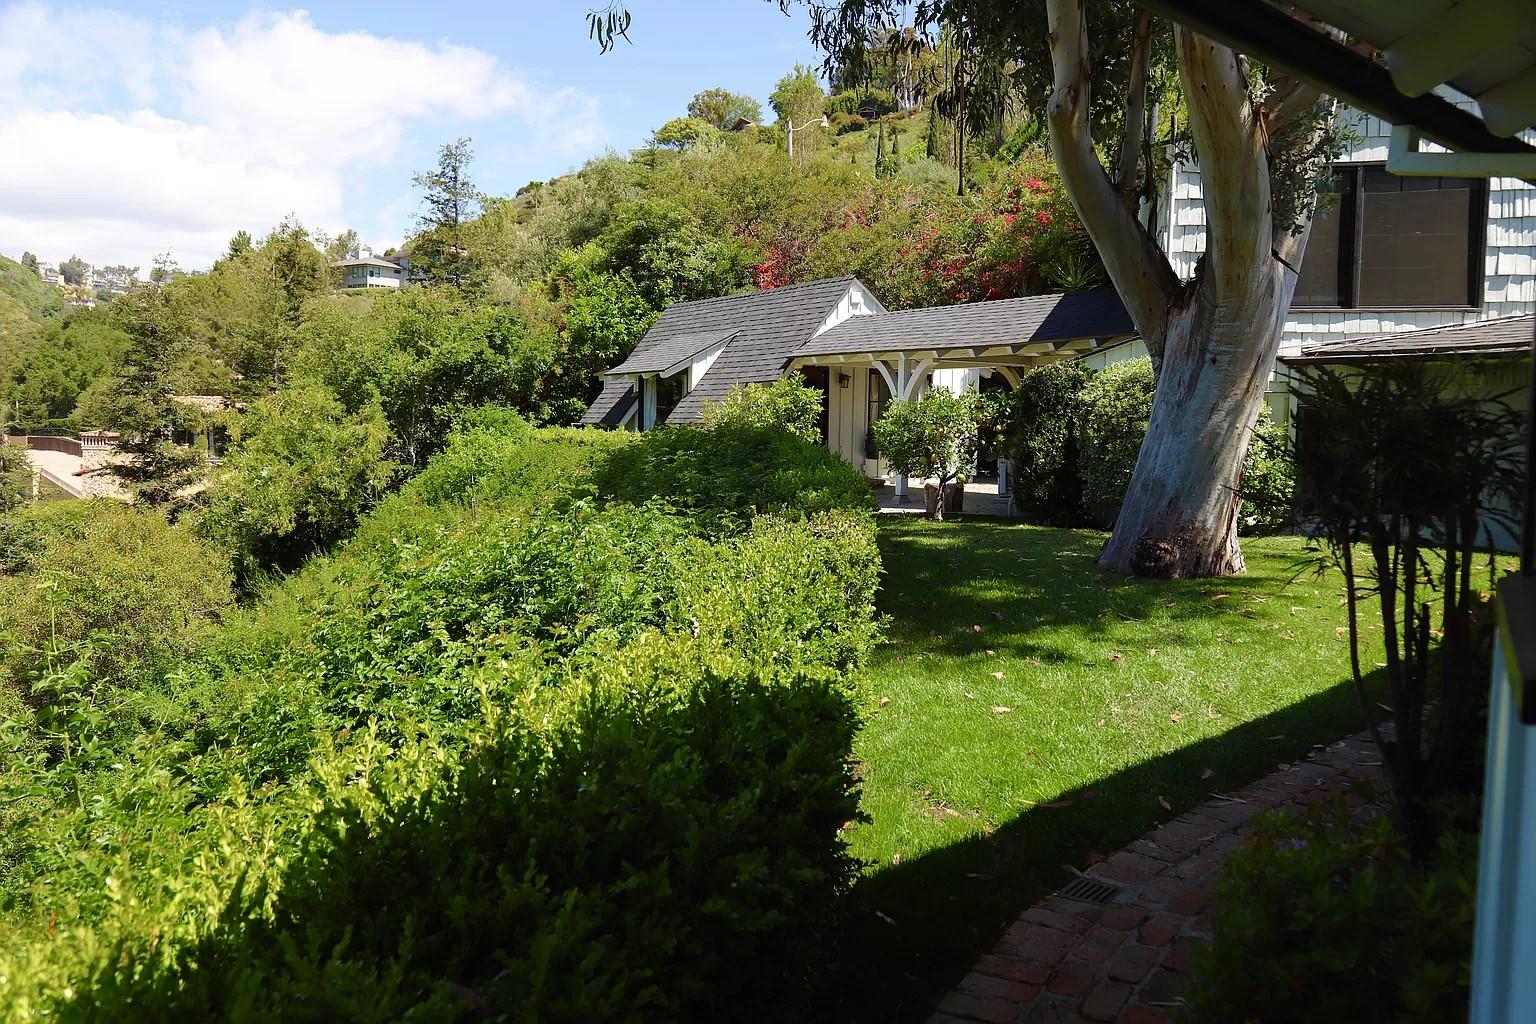 Backyard of Gene Wilder's former home